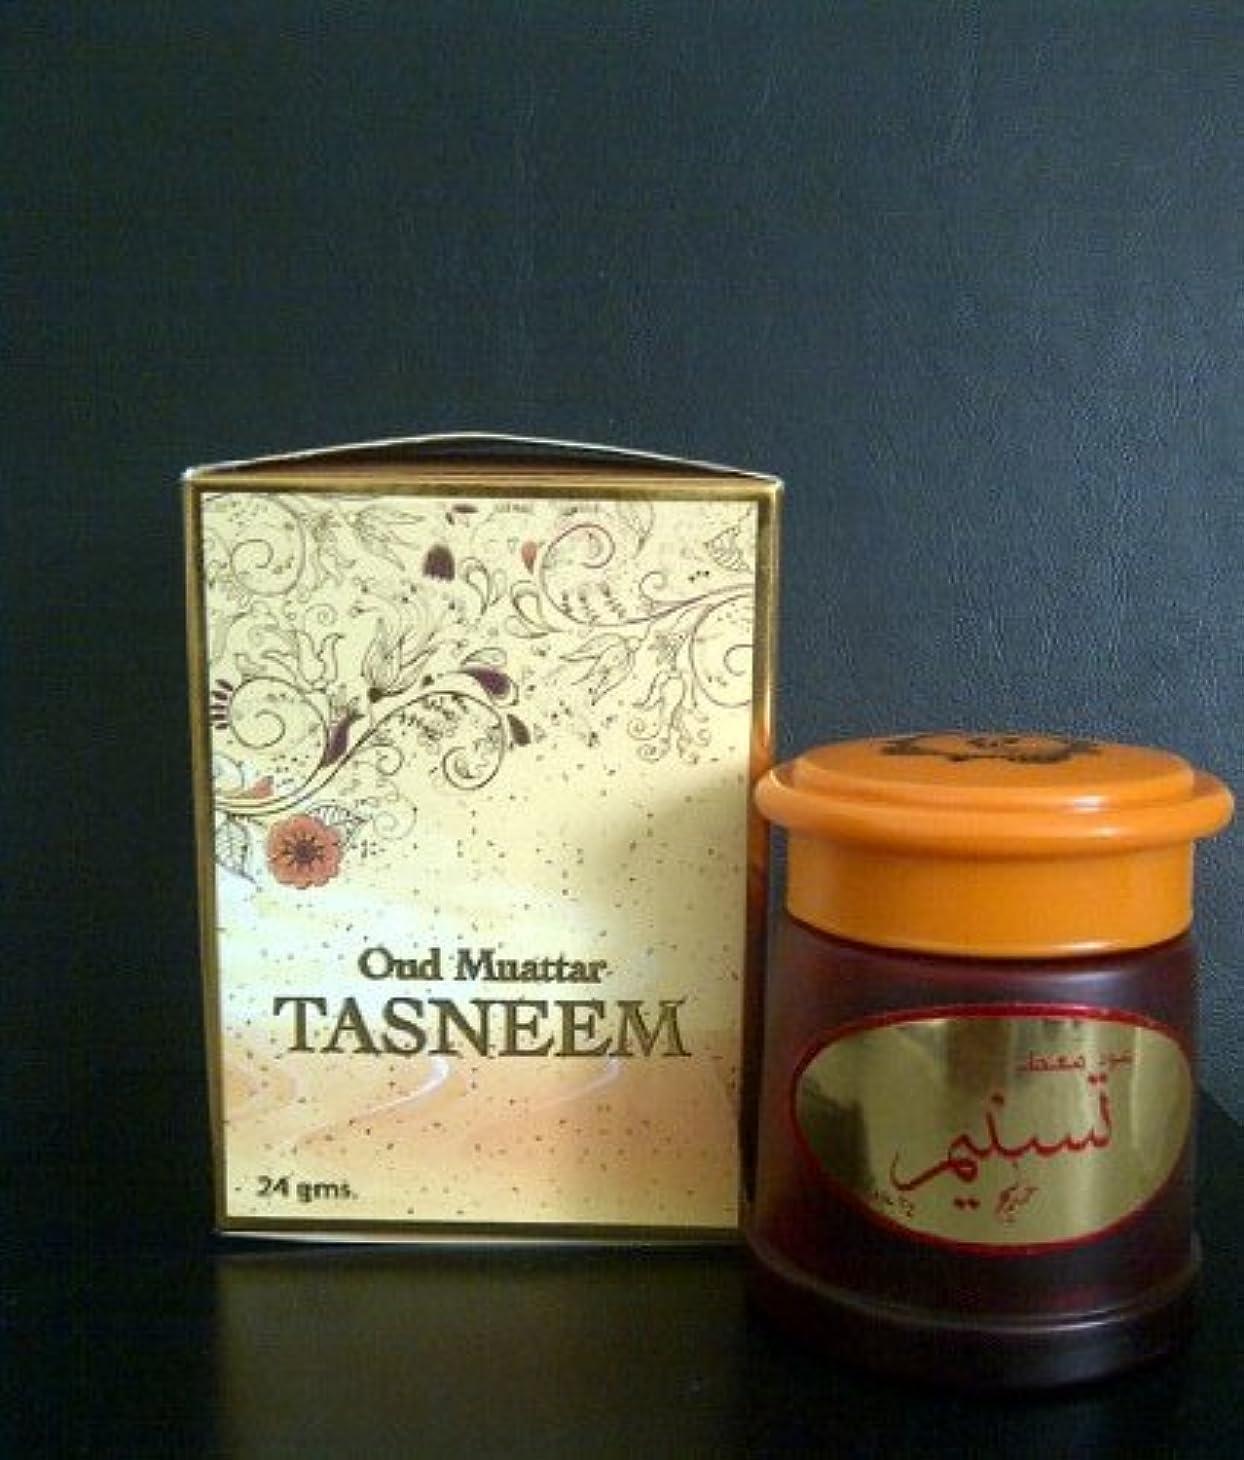 チャンス女王必要とするOud Muattar Tasneem BakhoorムスクAmber Fragrance Burner Khadlaj AIR FRESHNER 24 g